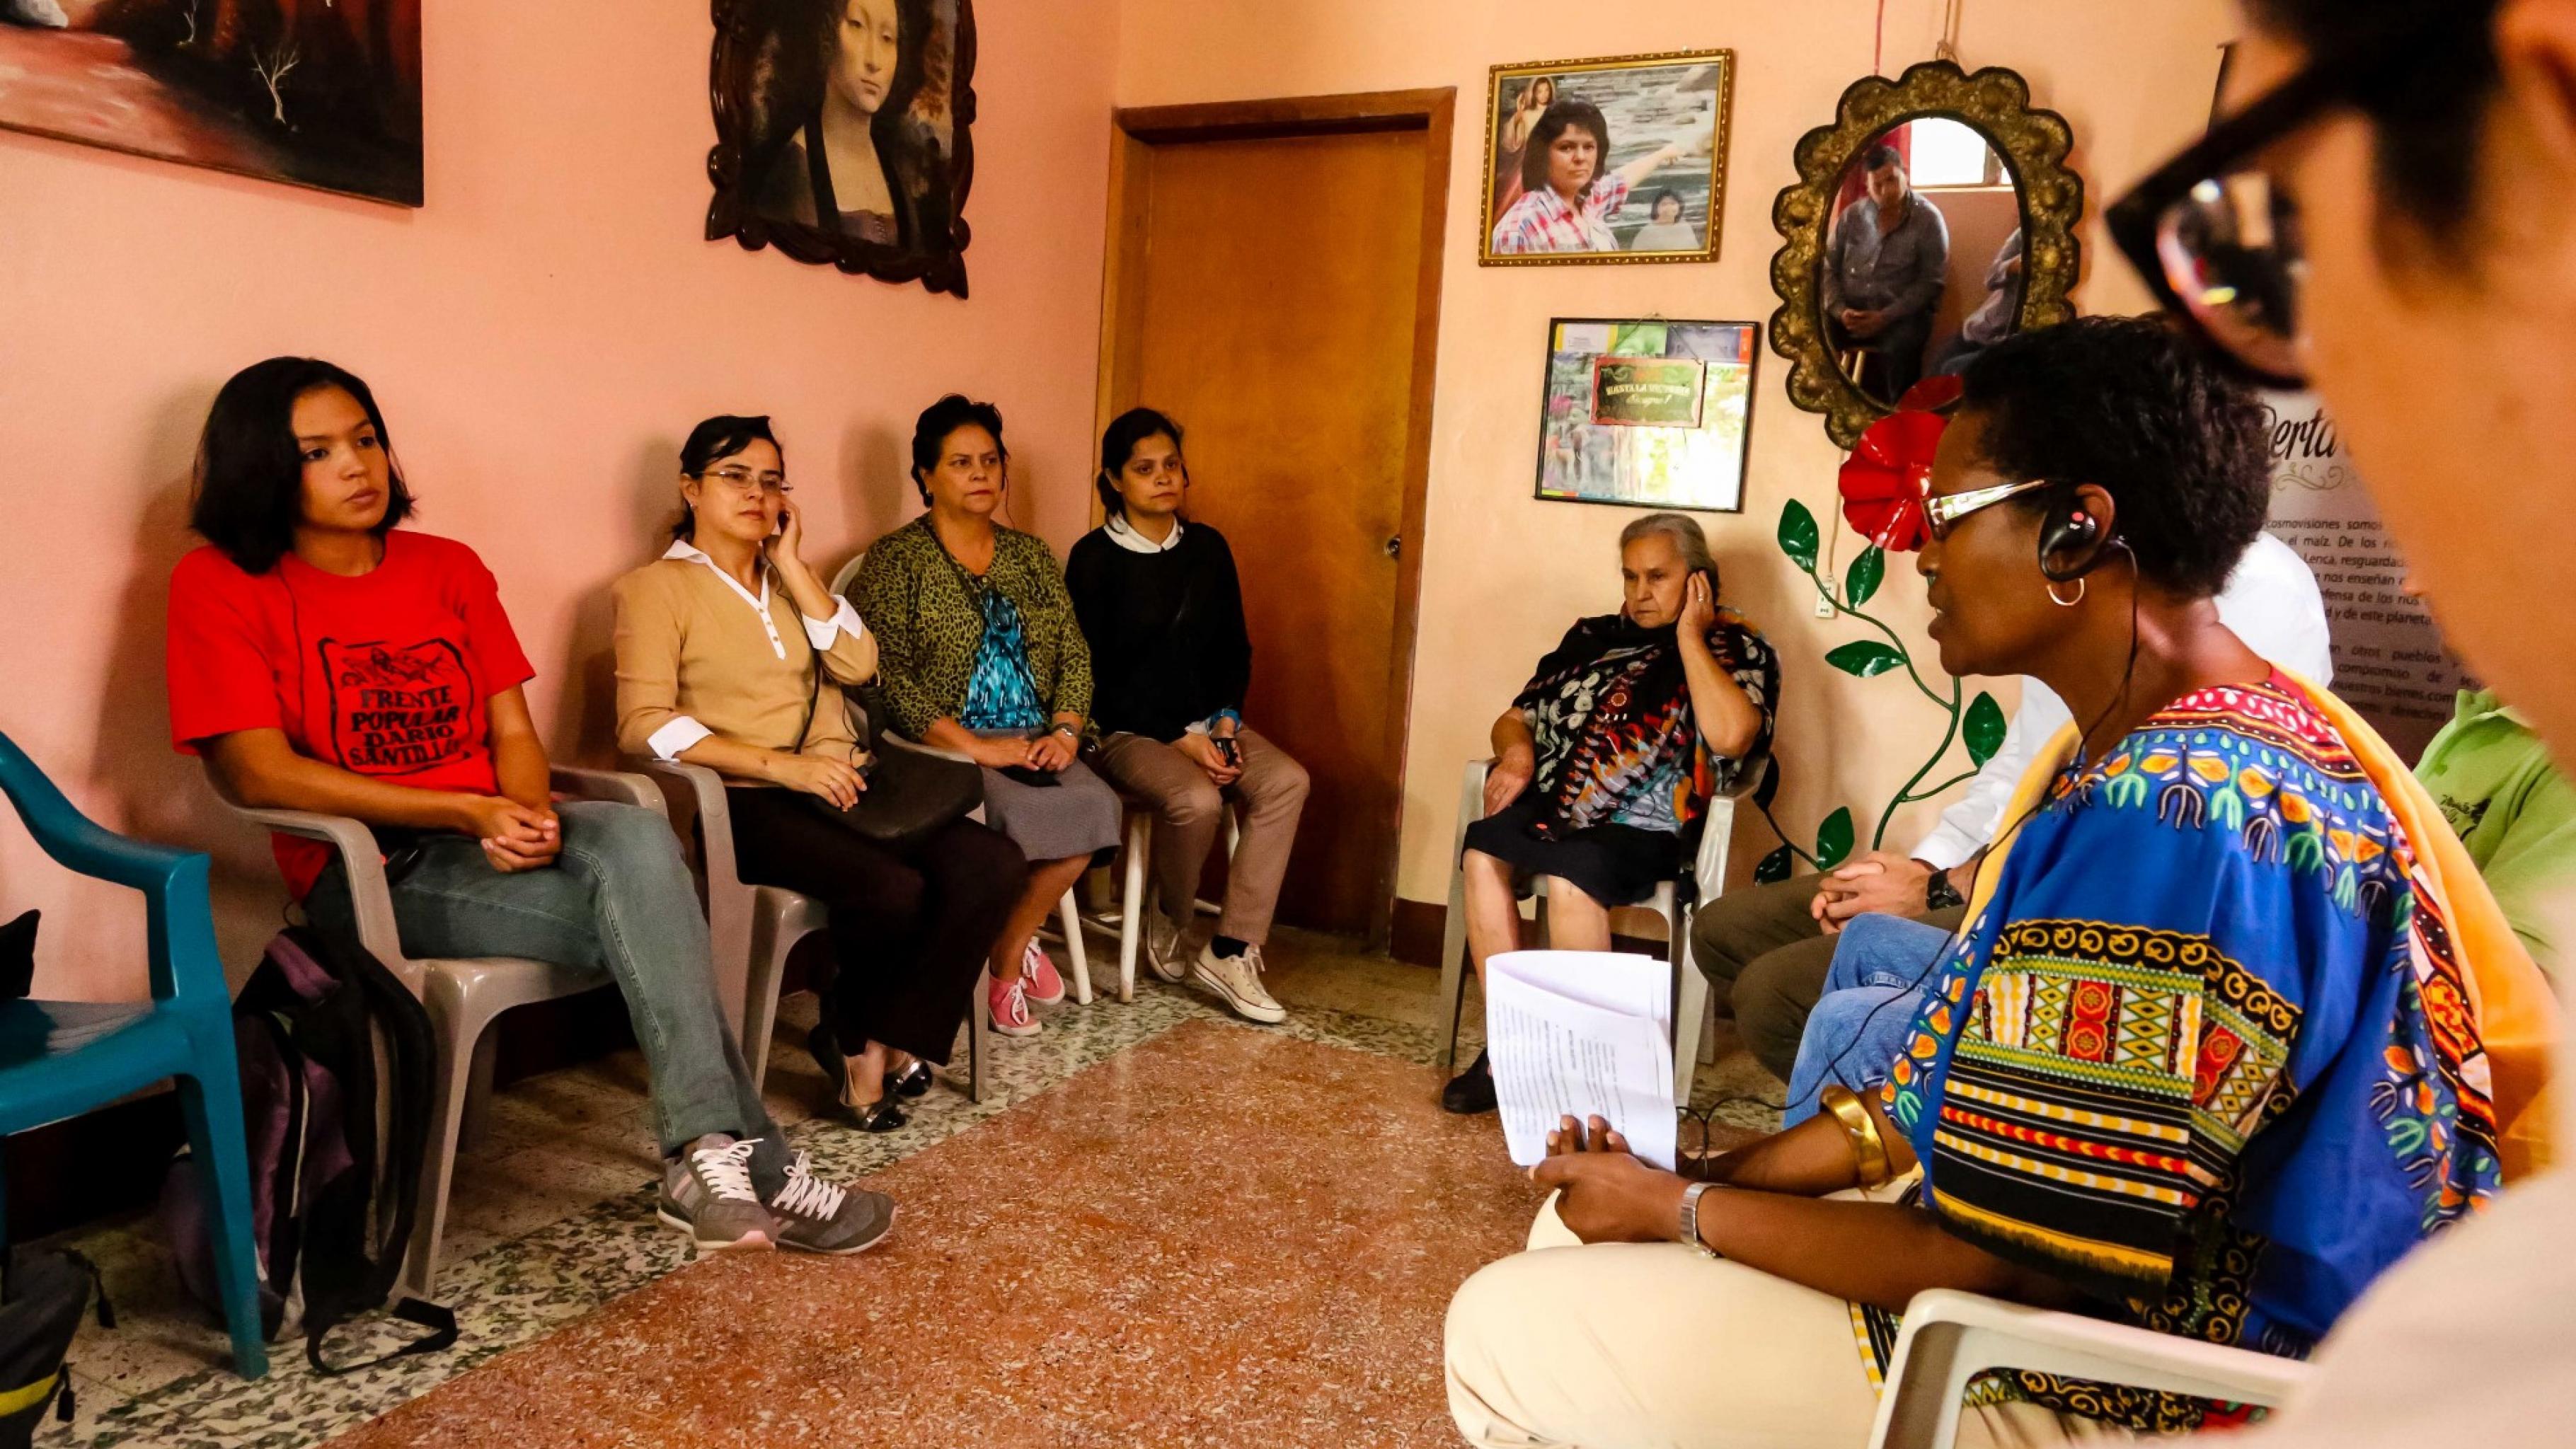 In einem Zimmer sitzen Frauen und Männer auf Plastikstühlen im Kreis und sprechen miteinander. An den Wänden hängen Bilder, unter anderem von Berta Cáceres.